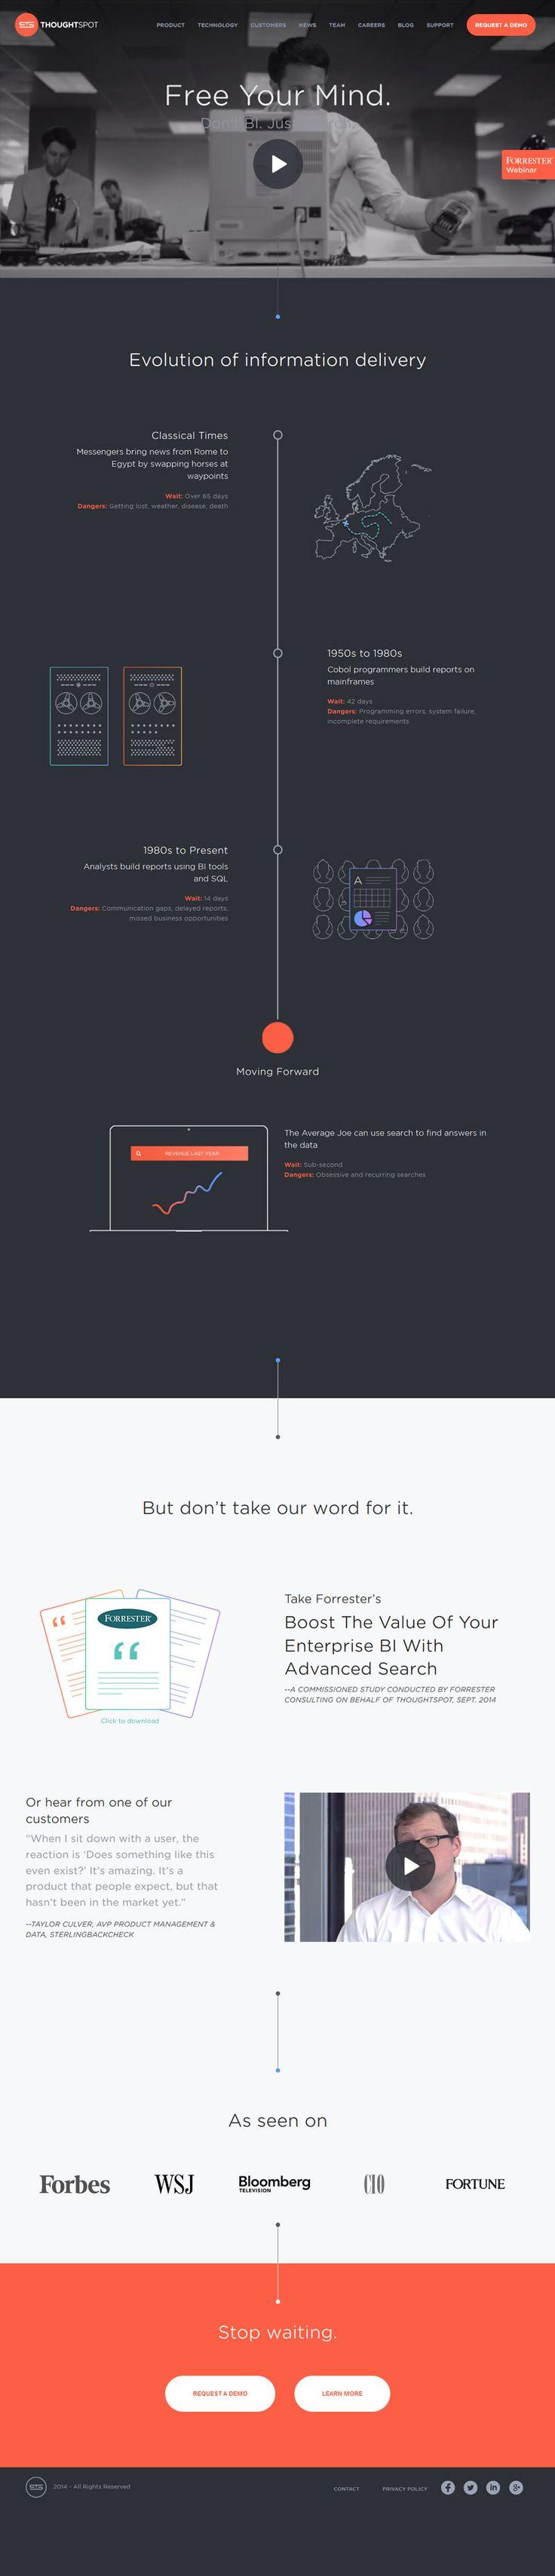 Unique Web Design, ThoughtSpot #Web #Design